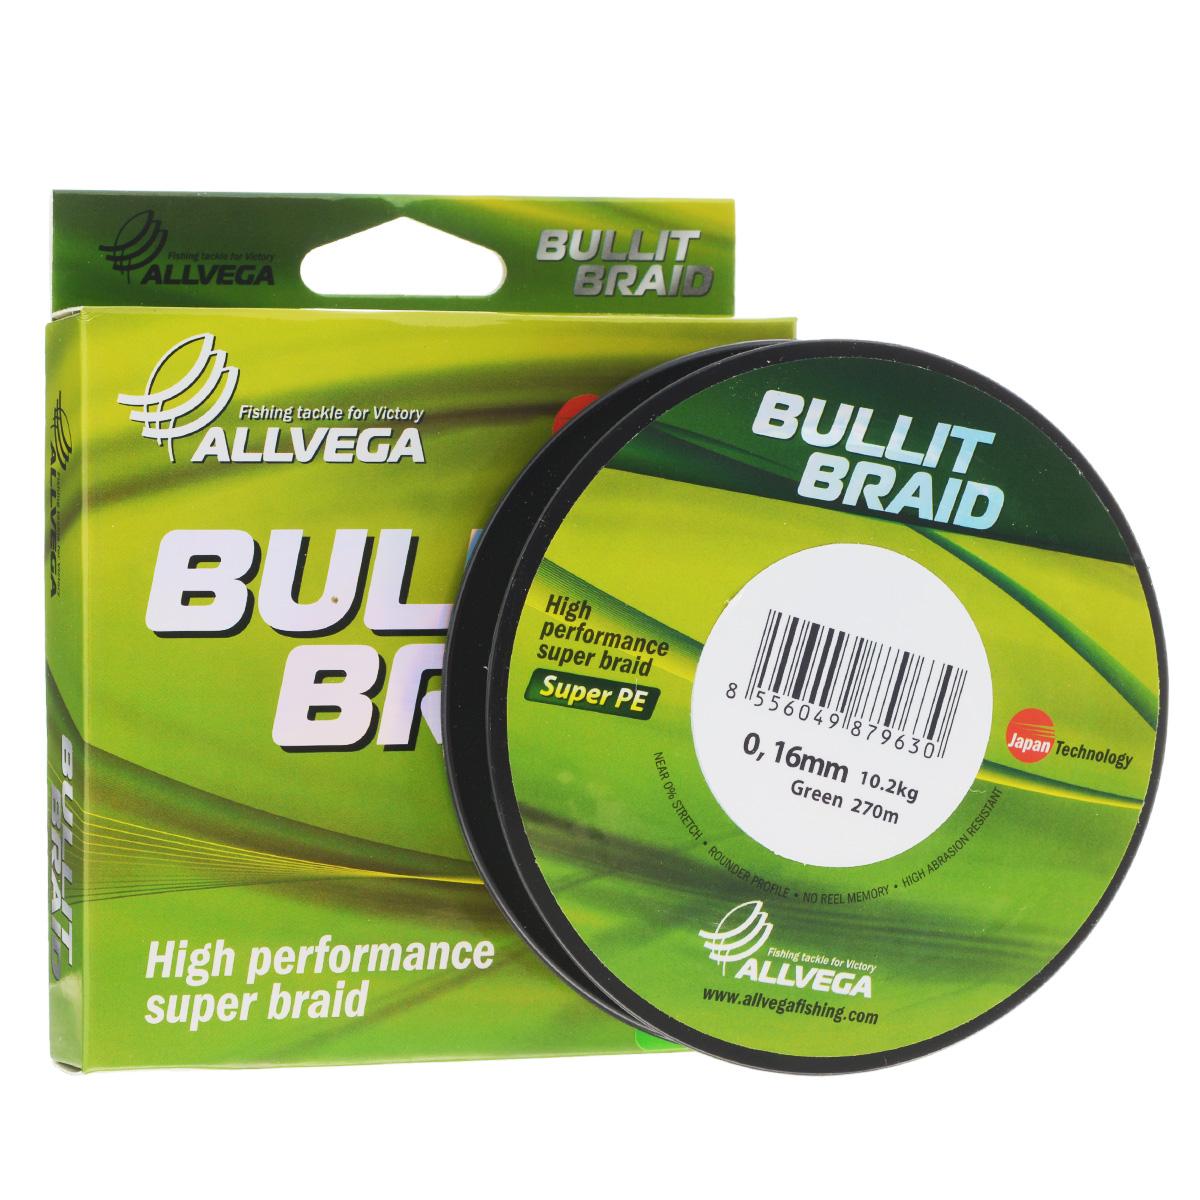 Леска плетеная Allvega Bullit Braid, цвет: темно-зеленый, 270 м, 0,16 мм, 10,2 кг218032Леска Allvega Bullit Braid с гладкой поверхностью и одинаковым сечением по всей длине обладает высокой износостойкостью. Благодаря микроволокнам полиэтилена (Super PE) леска имеет очень плотное плетение и не впитывает воду. Леску Allvega Bullit Braid можно применять в любых типах водоемов. Особенности:повышенная износостойкость;высокая чувствительность - коэффициент растяжения близок к нулю;отсутствует память; идеально гладкая поверхность позволяет увеличить дальность забросов; высокая прочность шнура на узлах.